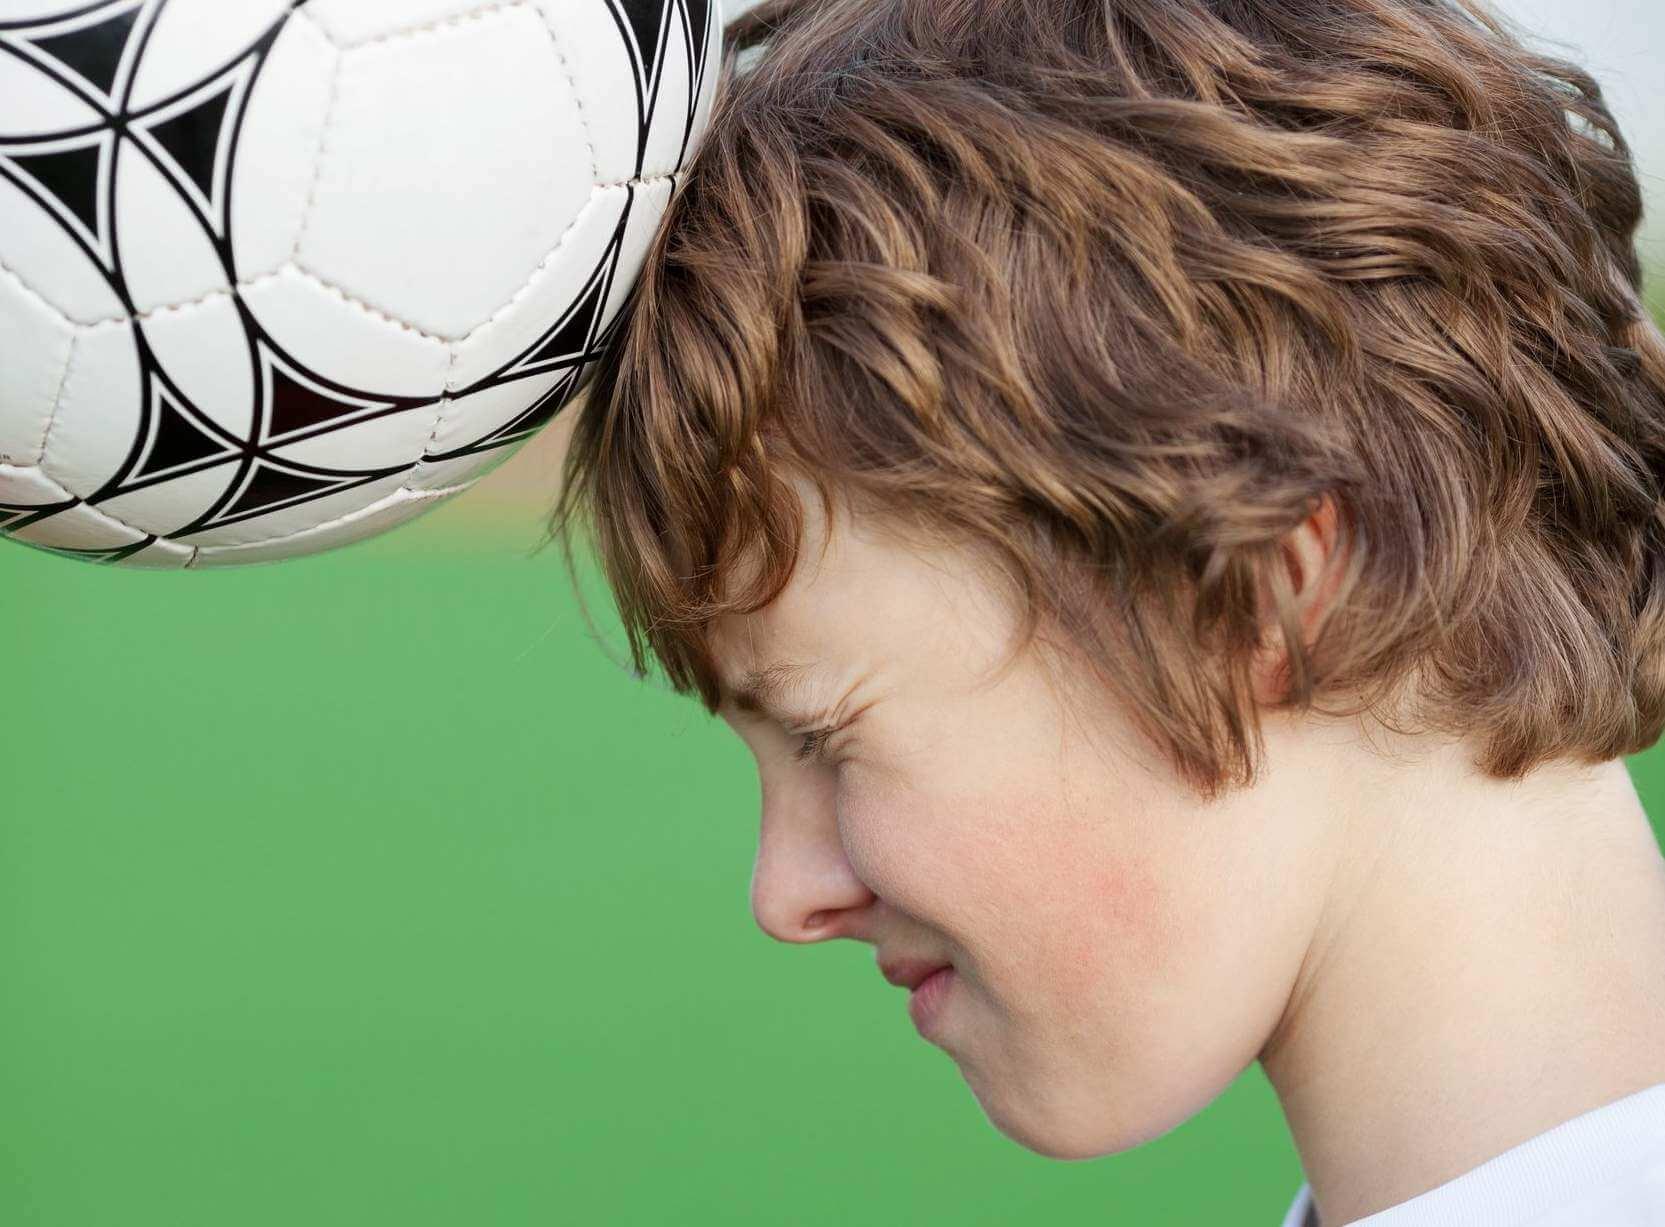 ¿Es riesgoso cabecear una pelota de fútbol?